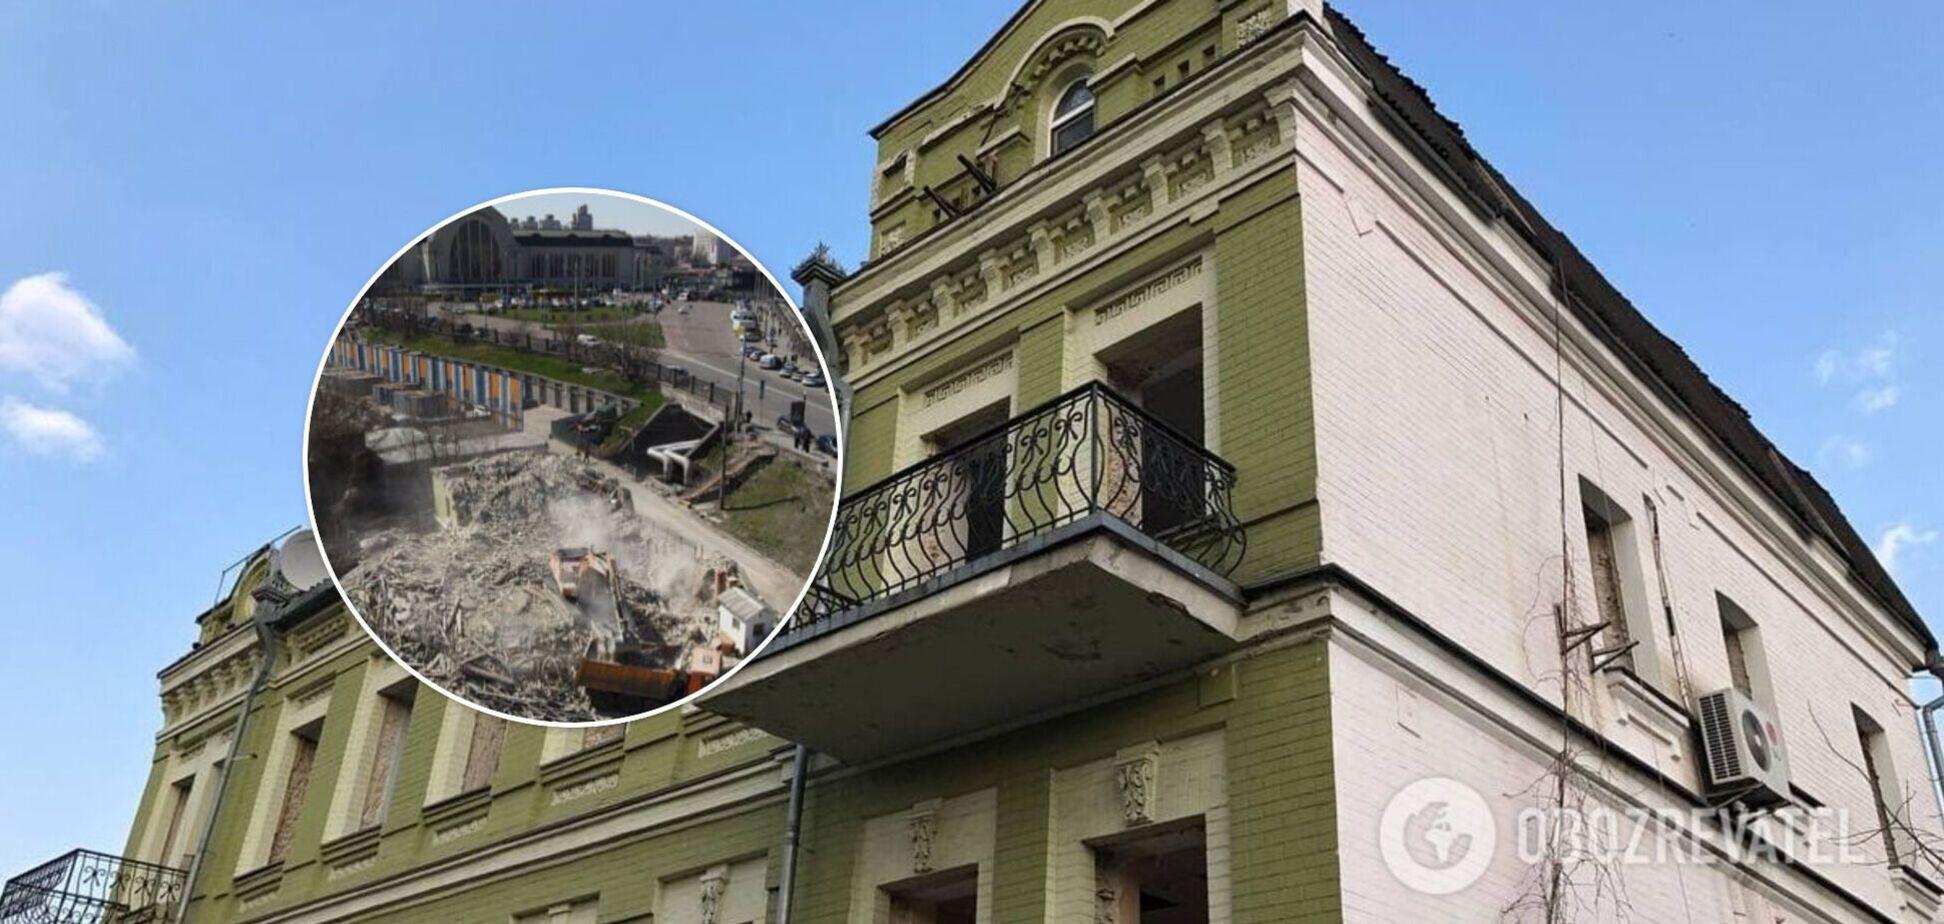 Особняк Уткина в Киеве уничтожила компания, которую оформили на 26-летнюю певицу: кто хочет возвести небоскреб